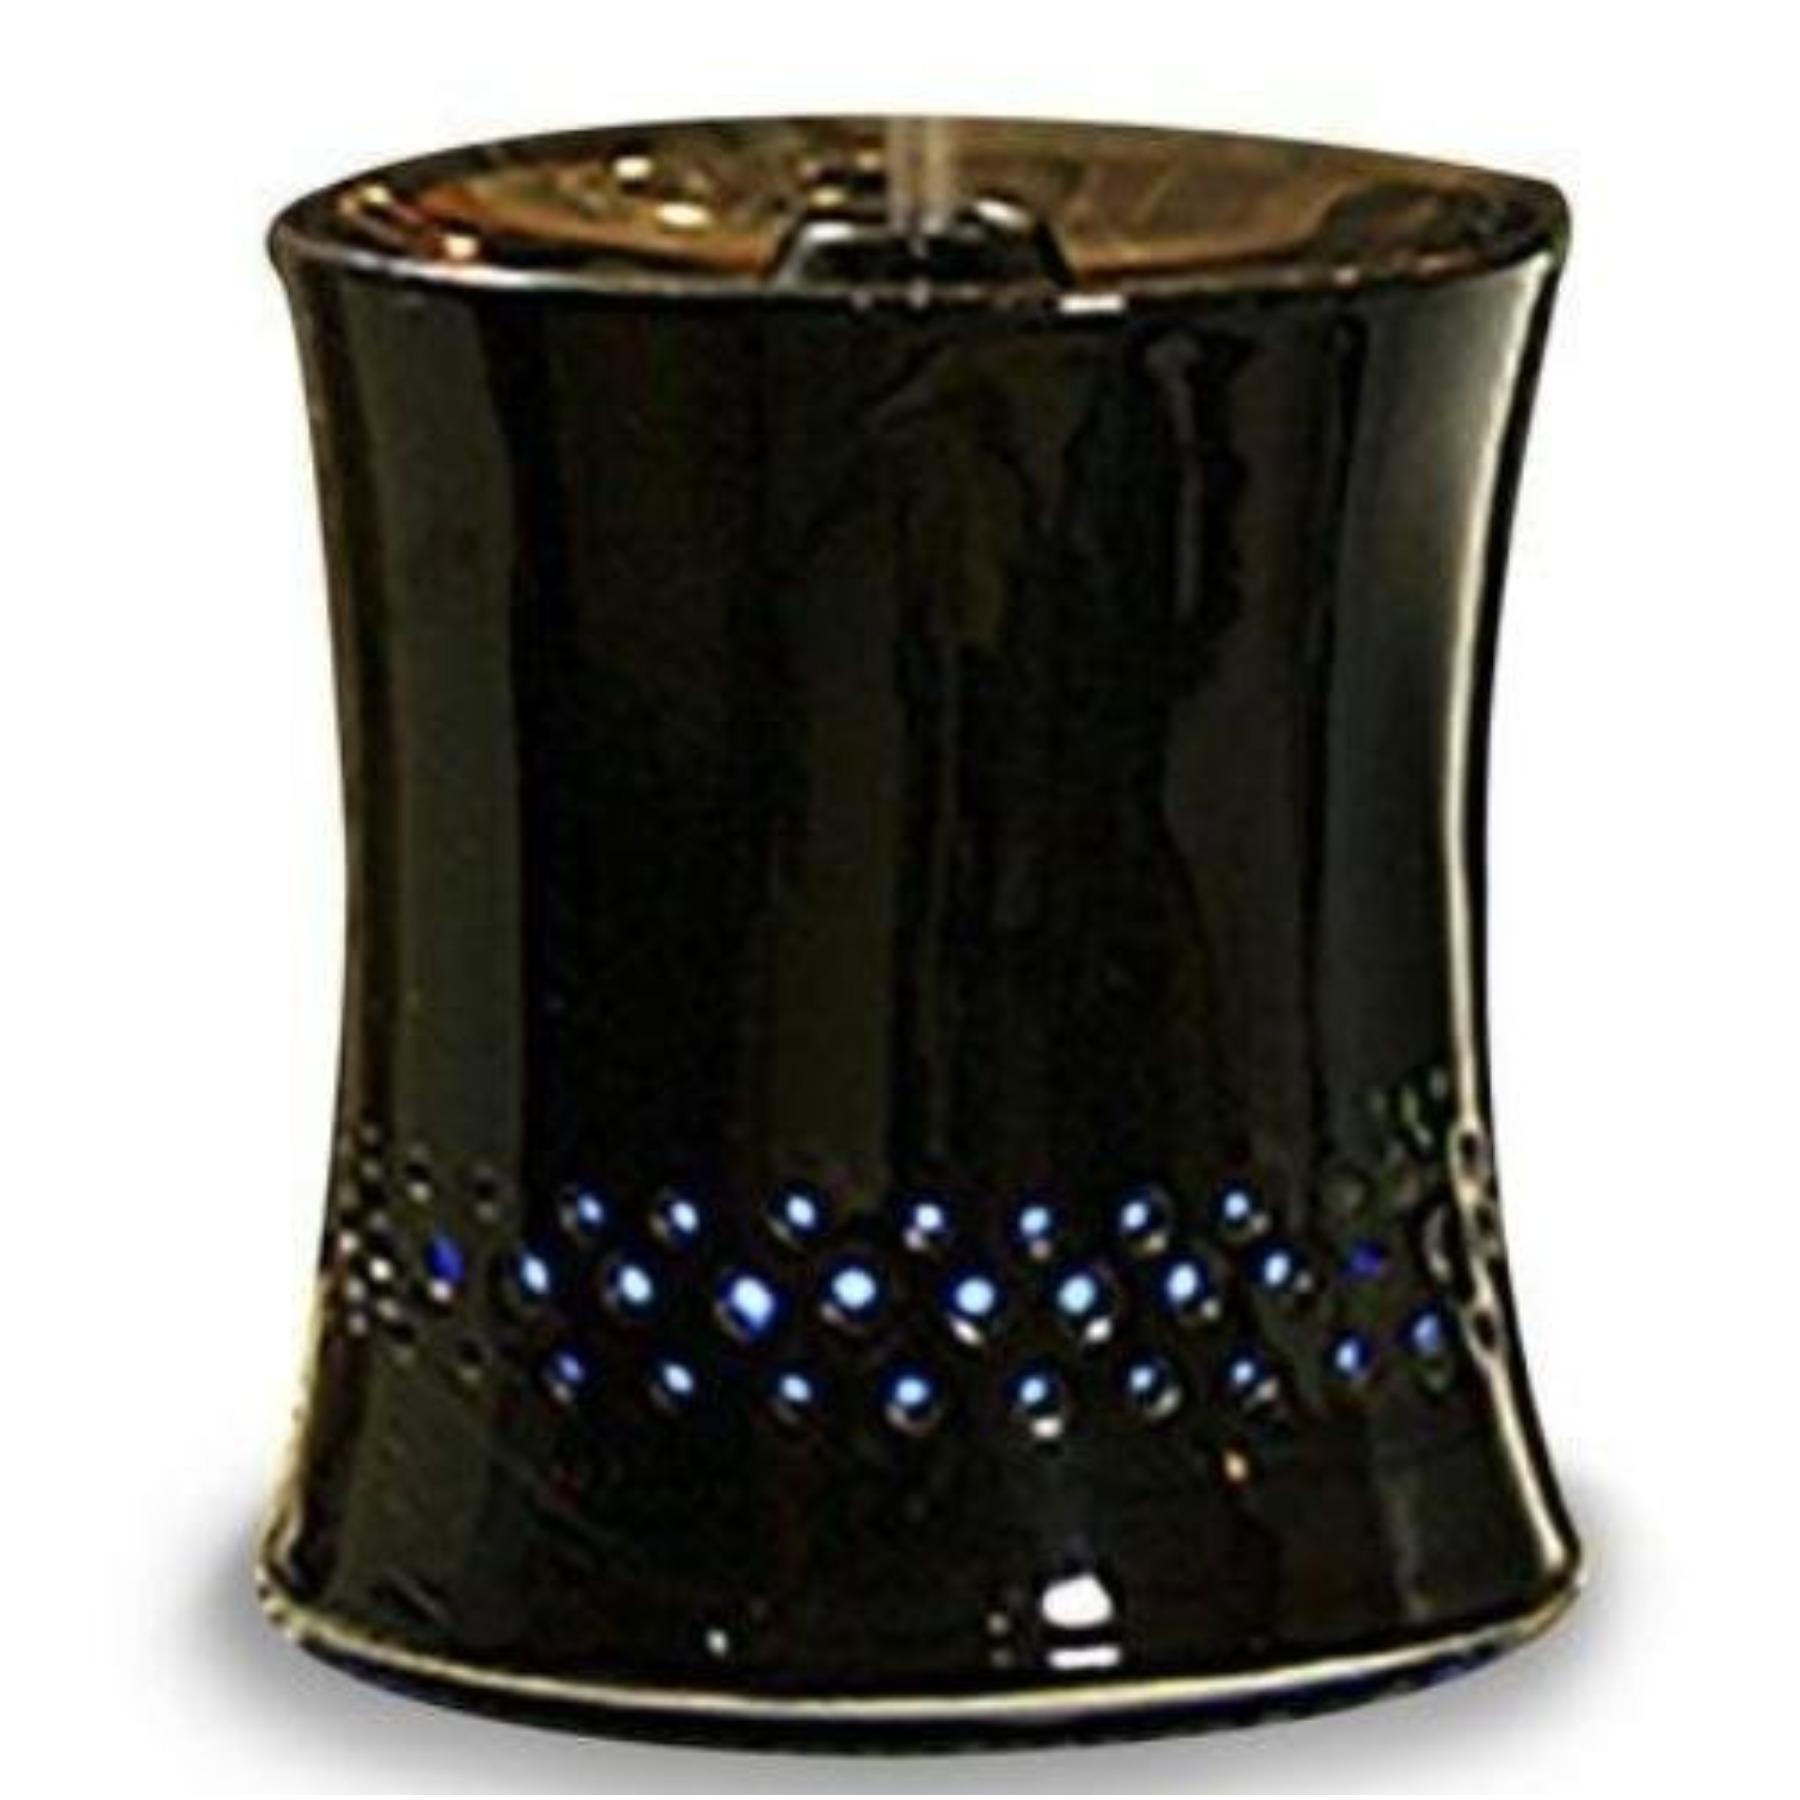 SpaPro Ceramic Diffuser Art Deco